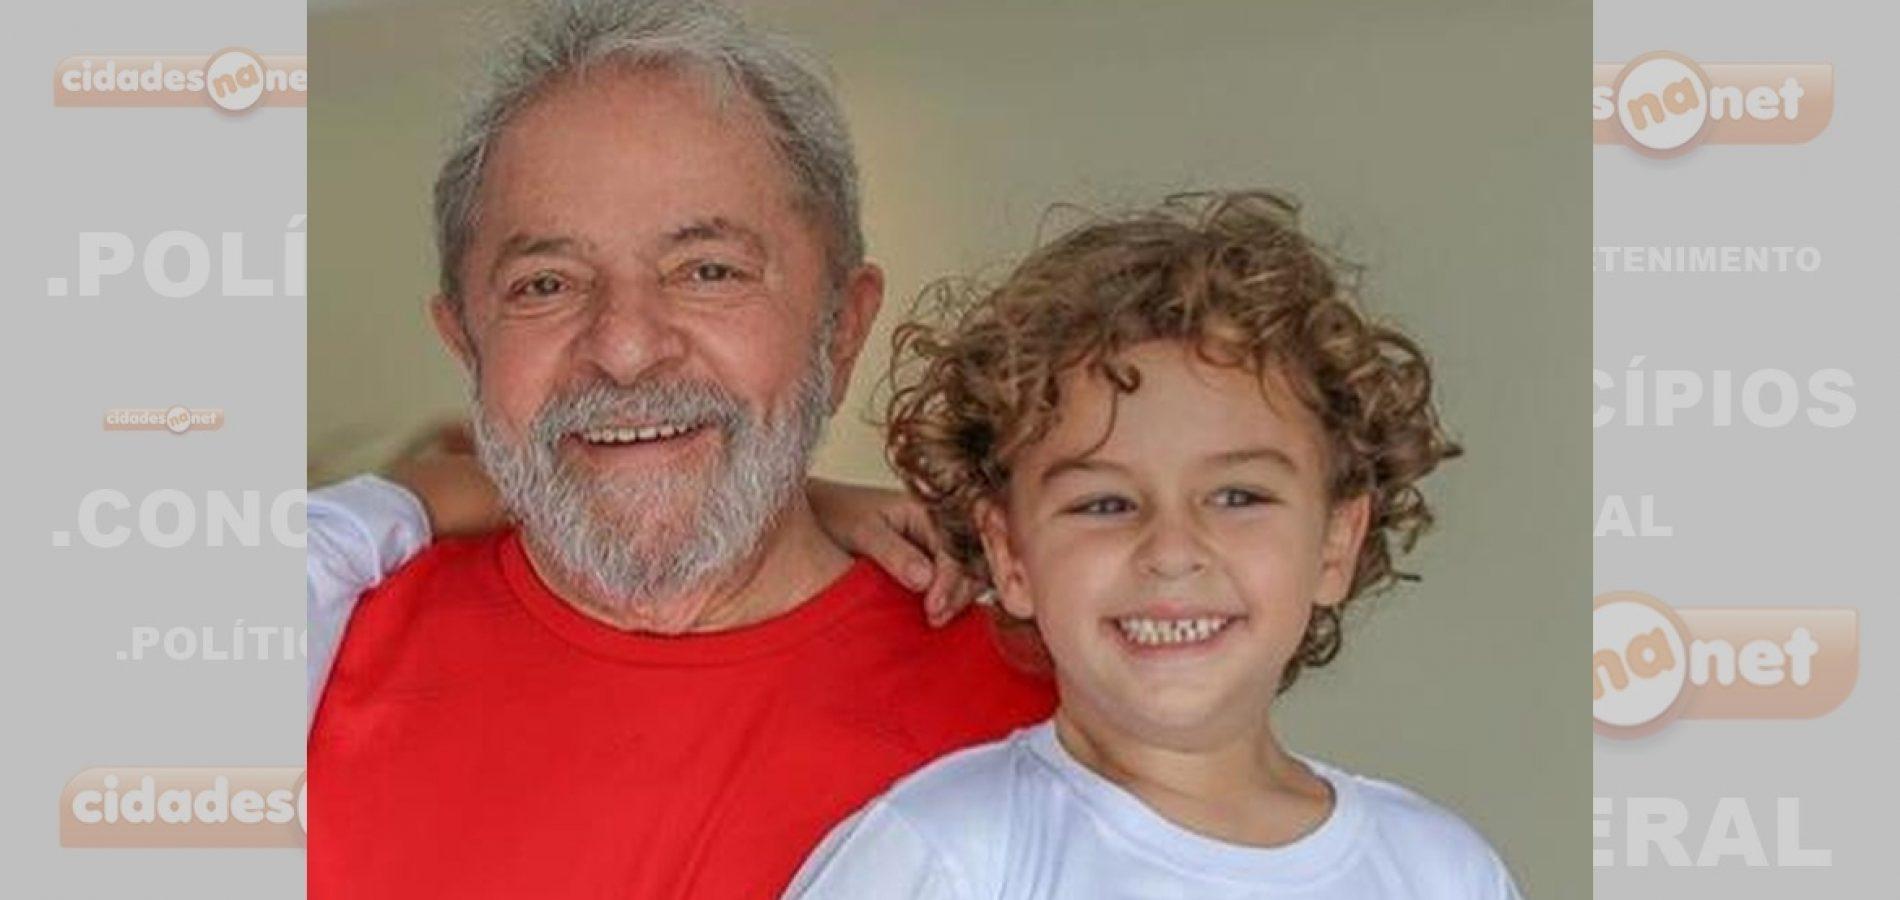 MPF é favorável à saída de Lula para ir a funeral do neto; governo do PR oferece avião para deslocamento